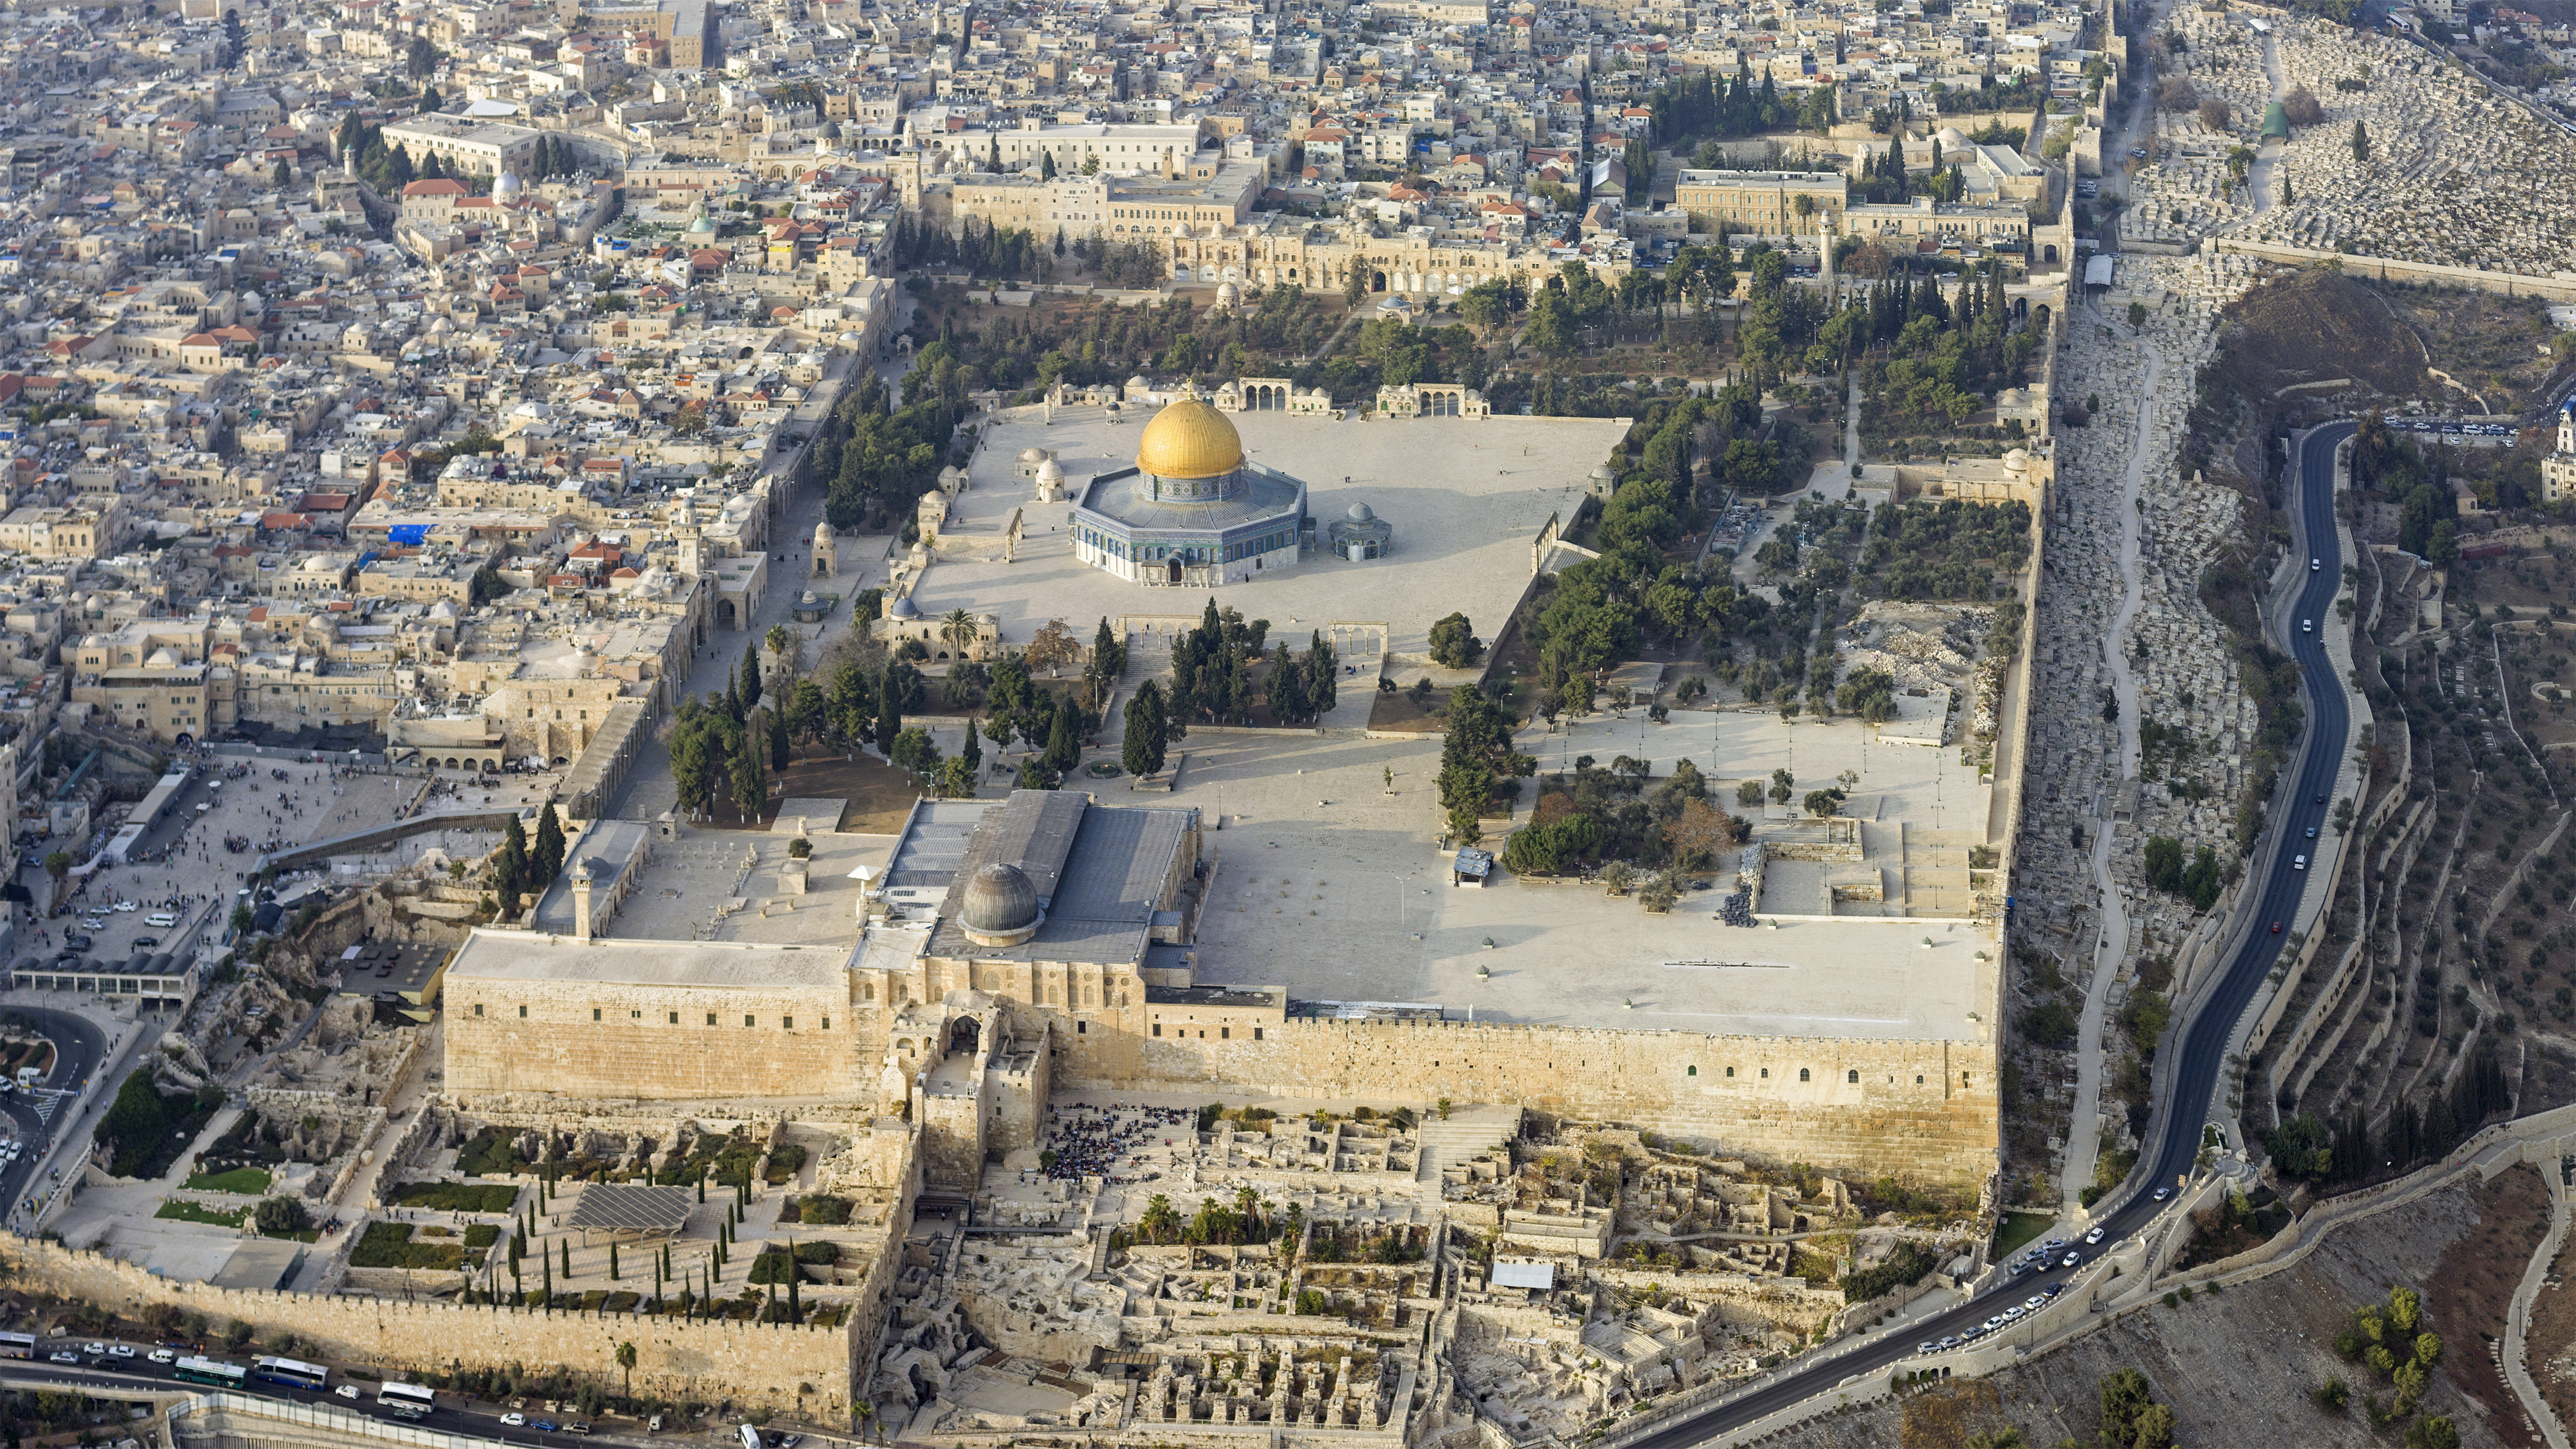 מבט עילי על הר הבית צילום: Andrew Shiva, CC-BY-SA 4.0 https://commons.wikimedia.org/wiki/File:ISR-2013-Aerial-Jerusalem-Temple_Mount_02.jpg